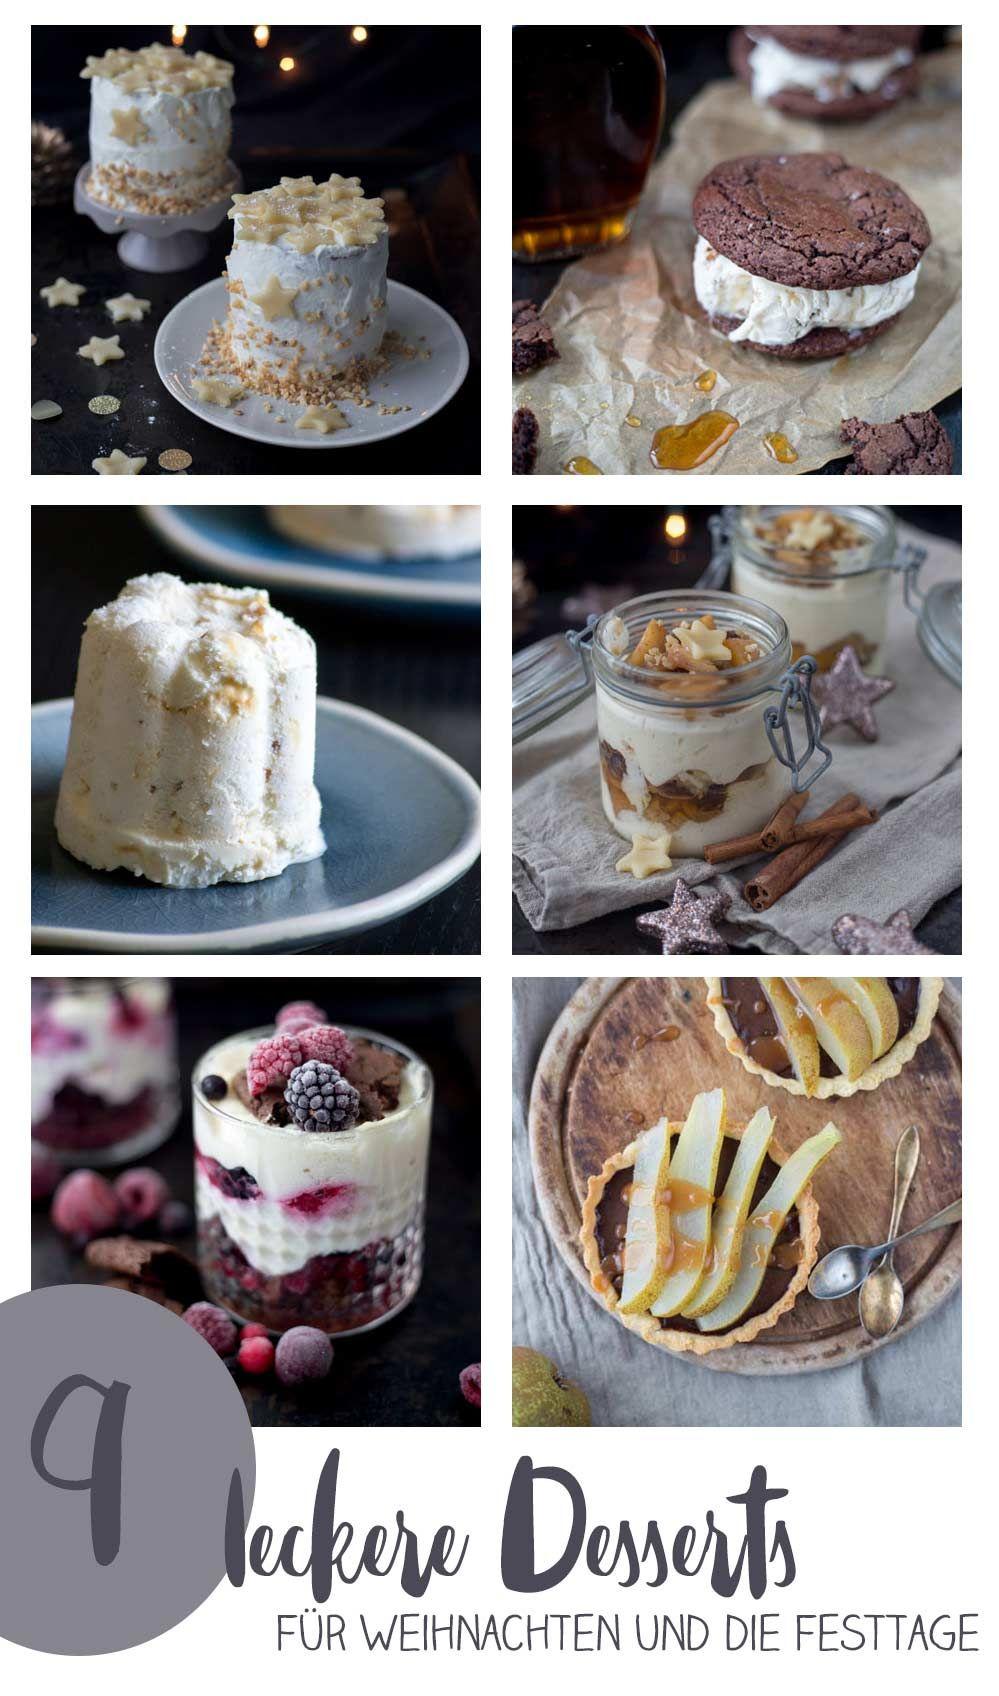 9 leckere desserts f r weihnachten nachtischrezepte f r. Black Bedroom Furniture Sets. Home Design Ideas